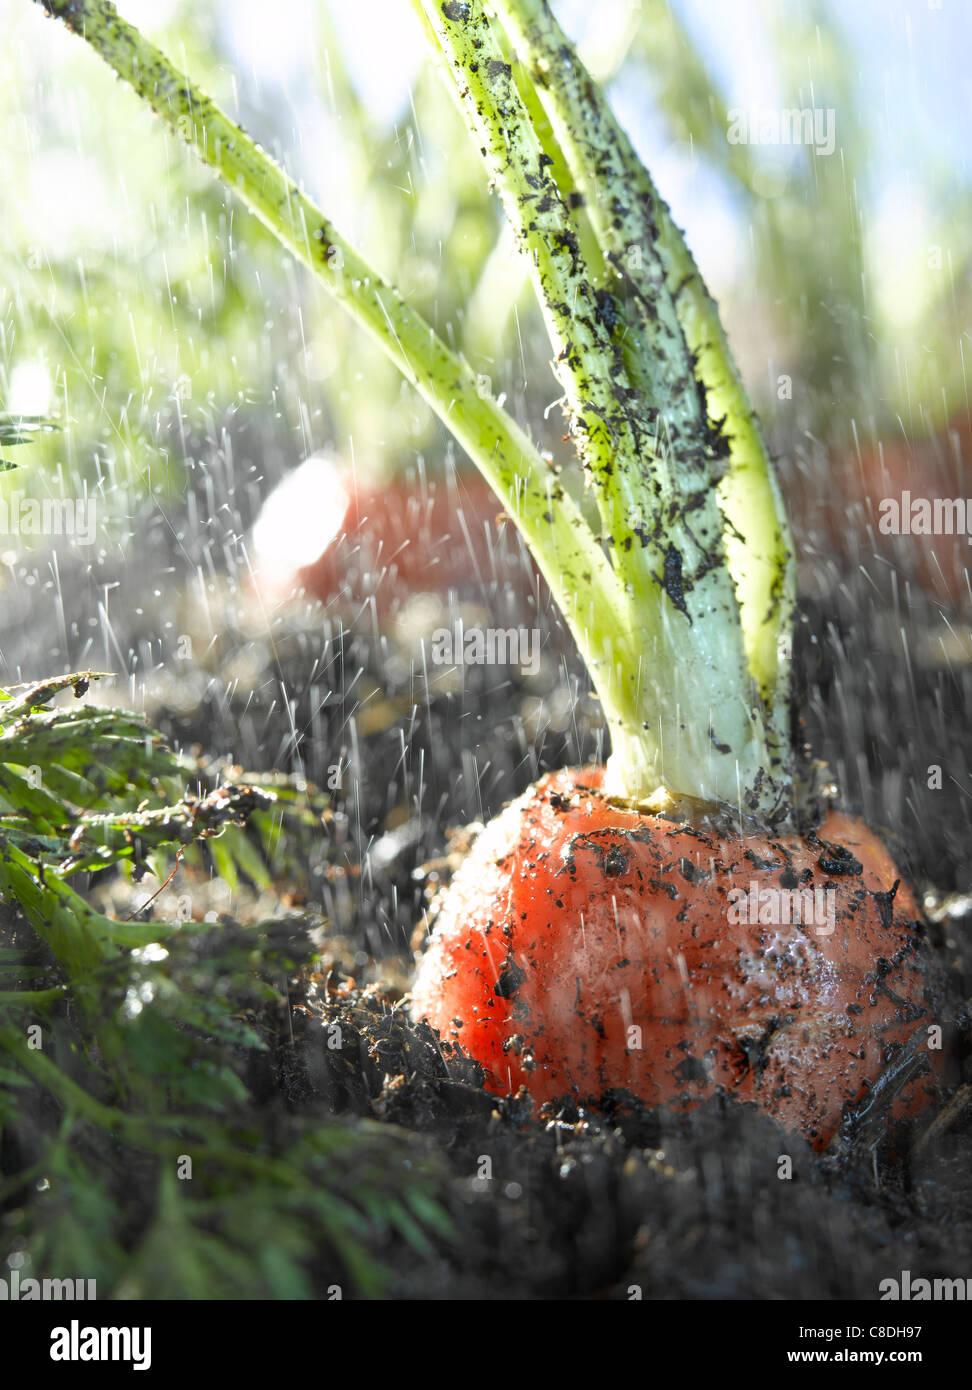 Karotten in Erde Stockbild